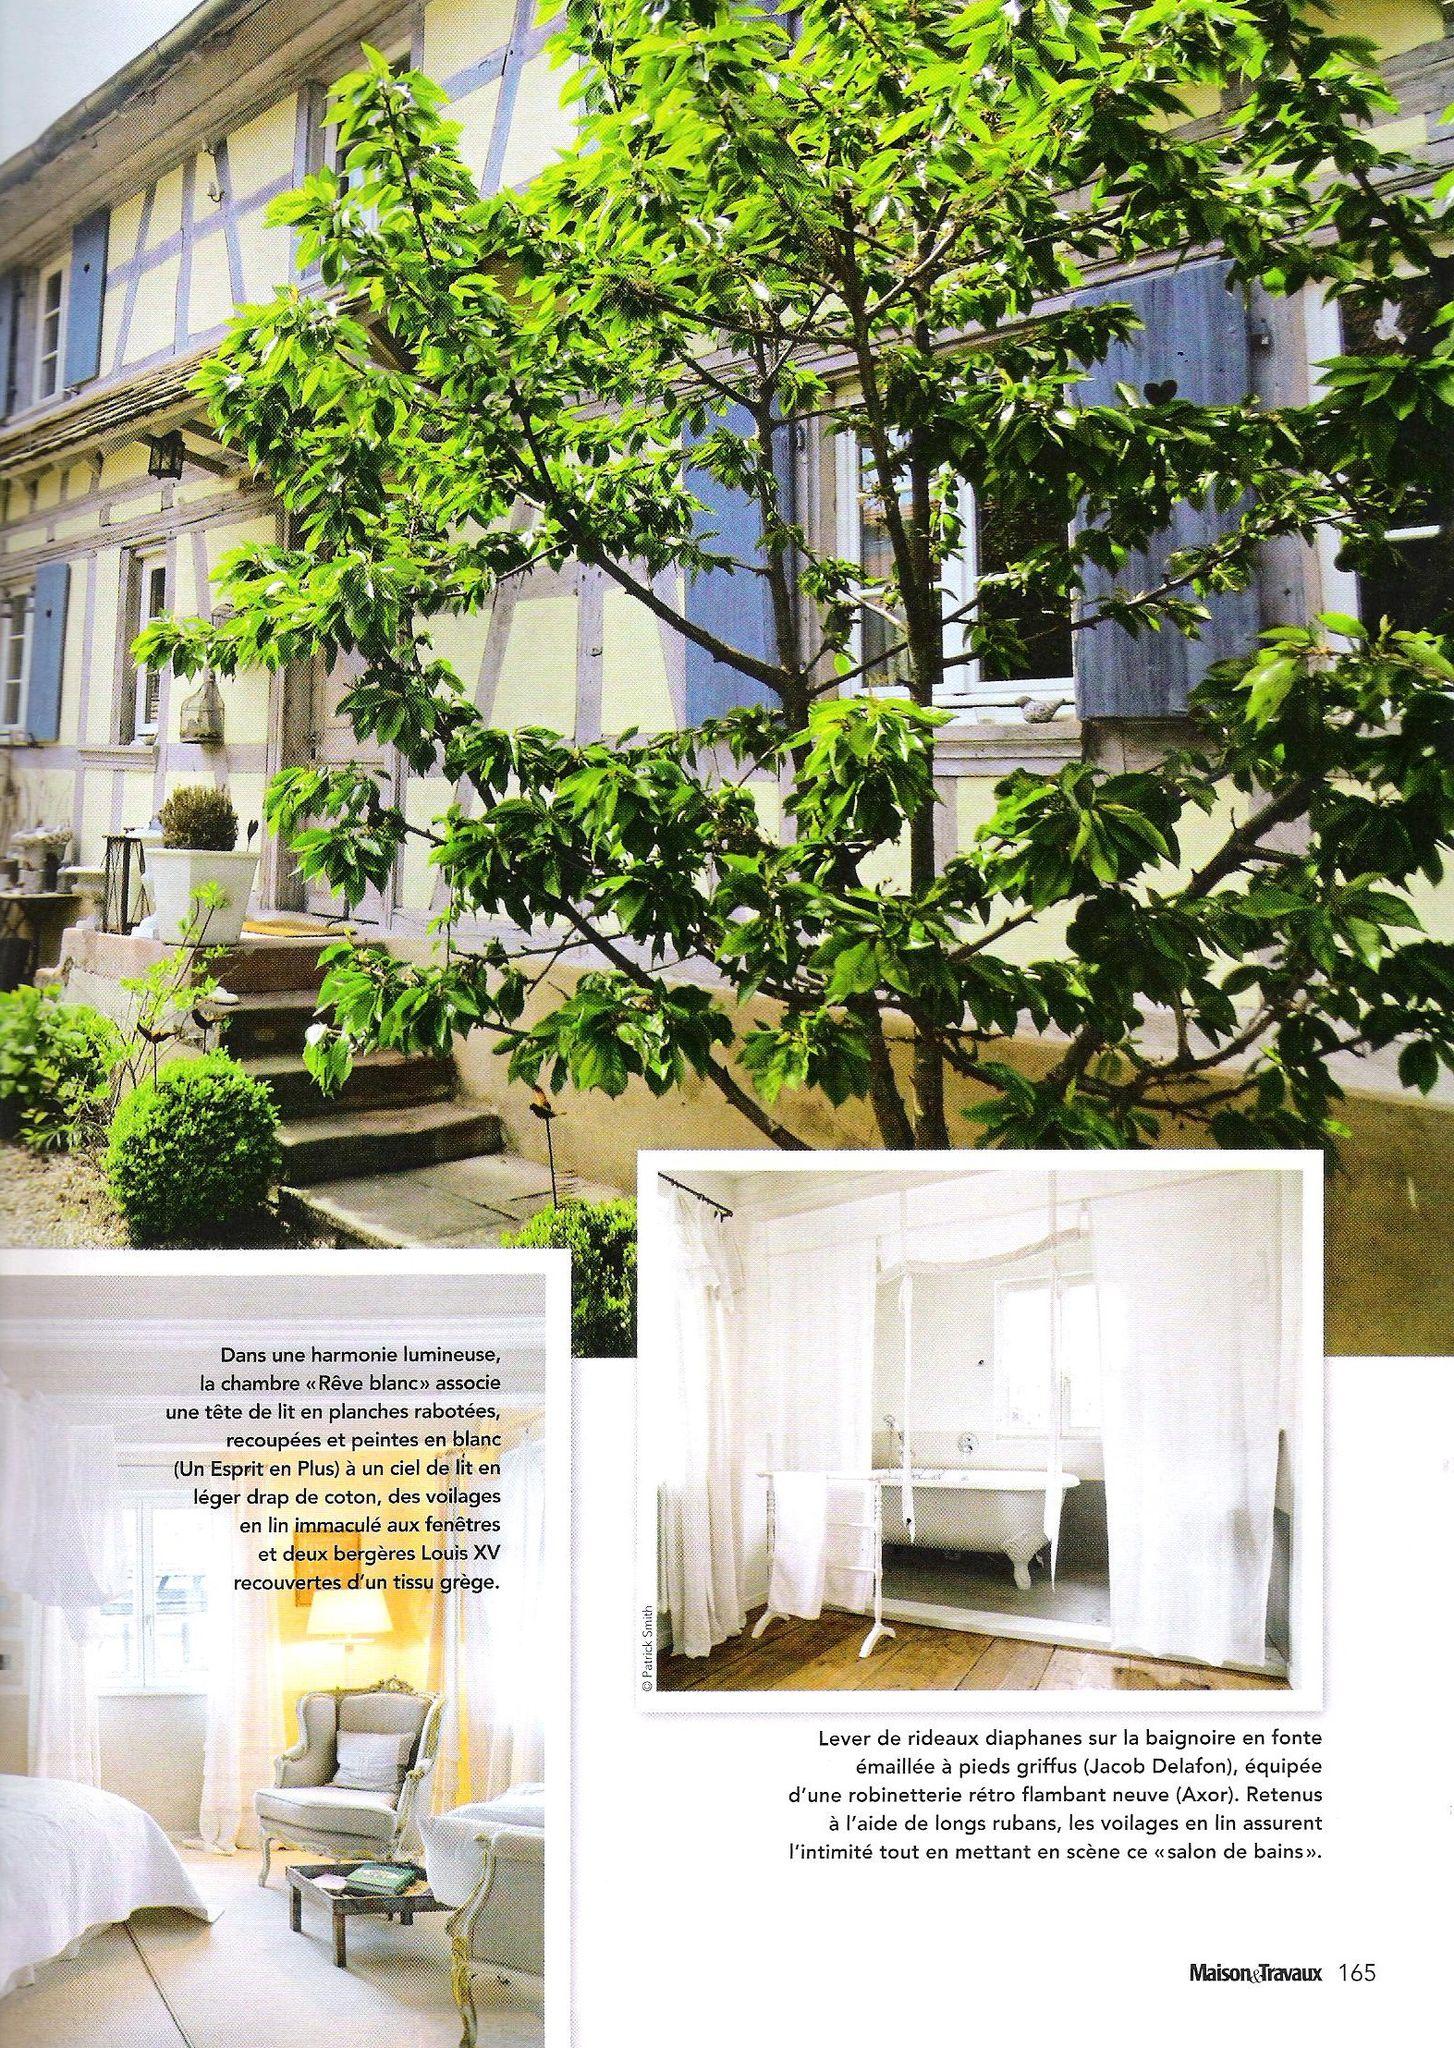 Deco interieur maison video clermont ferrand prix pour travaux de peinture - Cout electricite maison ...